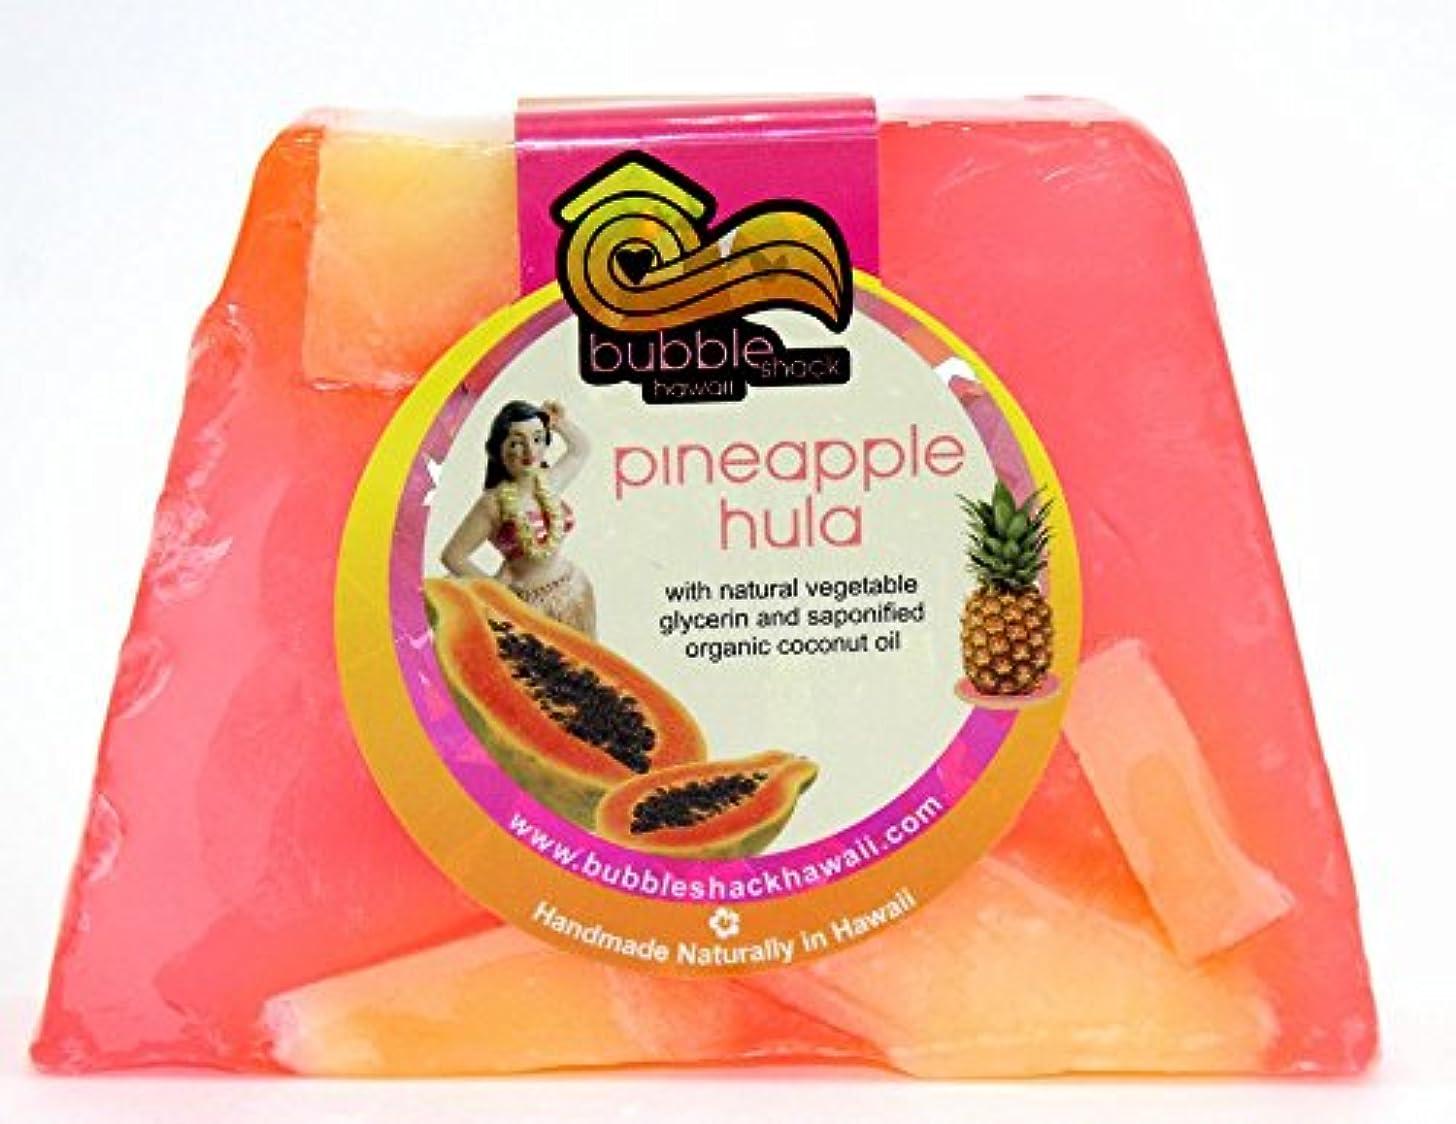 敬意を表してサミュエル交じるハワイ お土産 ハワイアン雑貨 バブルシャック パイナップル チャンクソープ 石鹸 (フラ) ハワイ雑貨